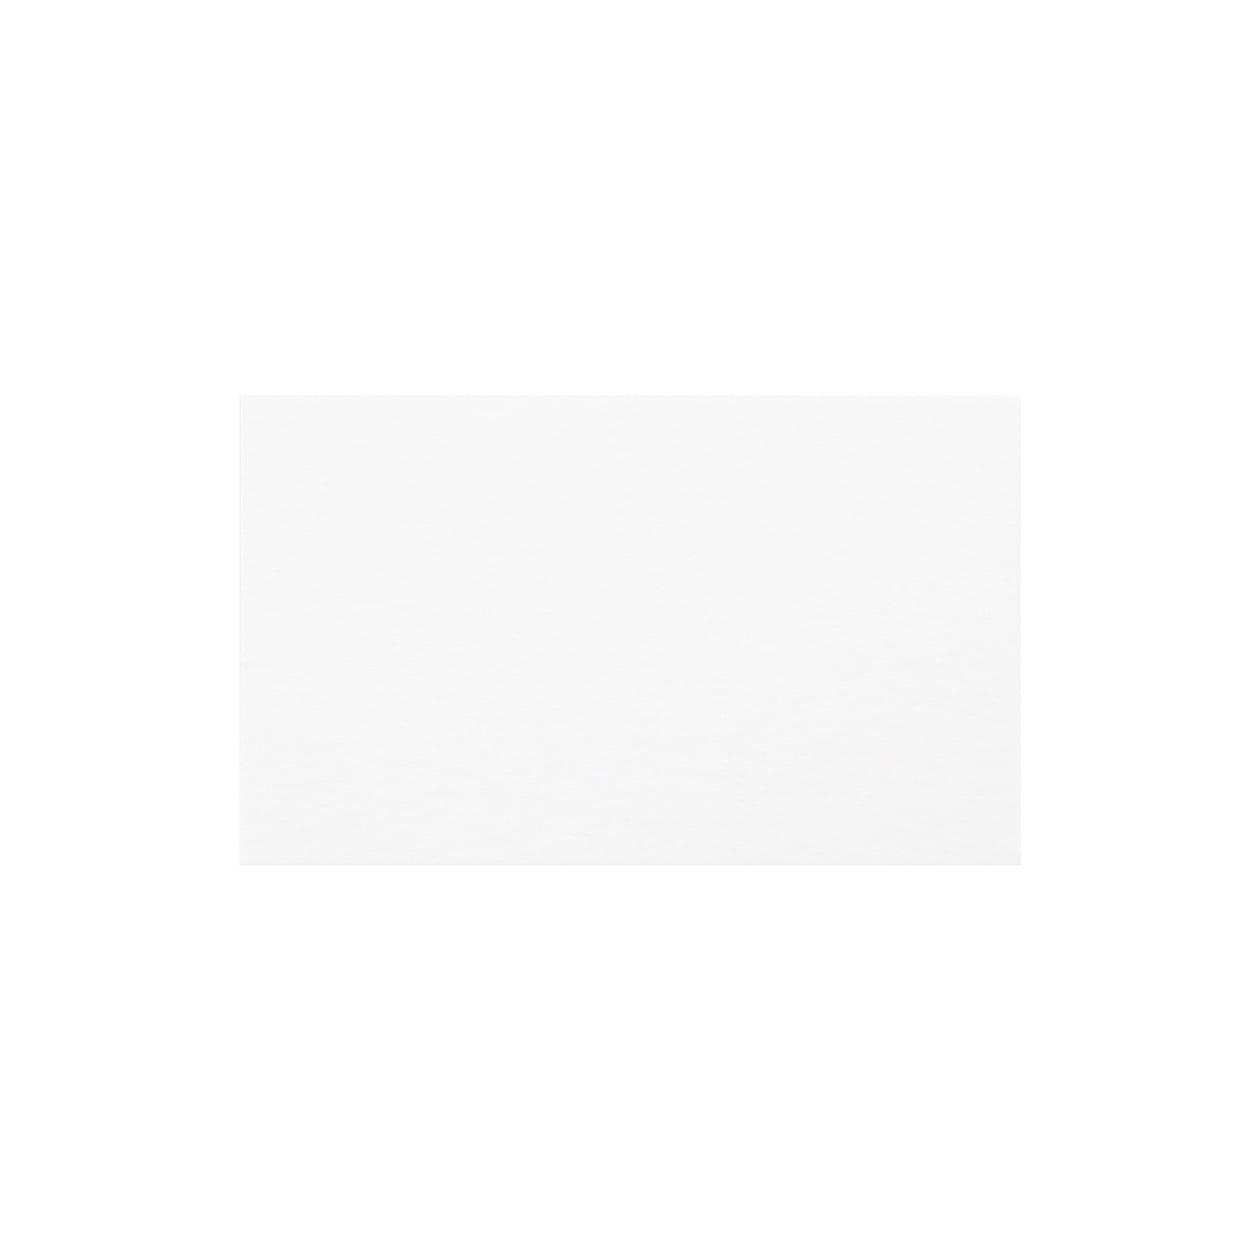 ネームカード HAGURUMA Basic プレインホワイト 260g